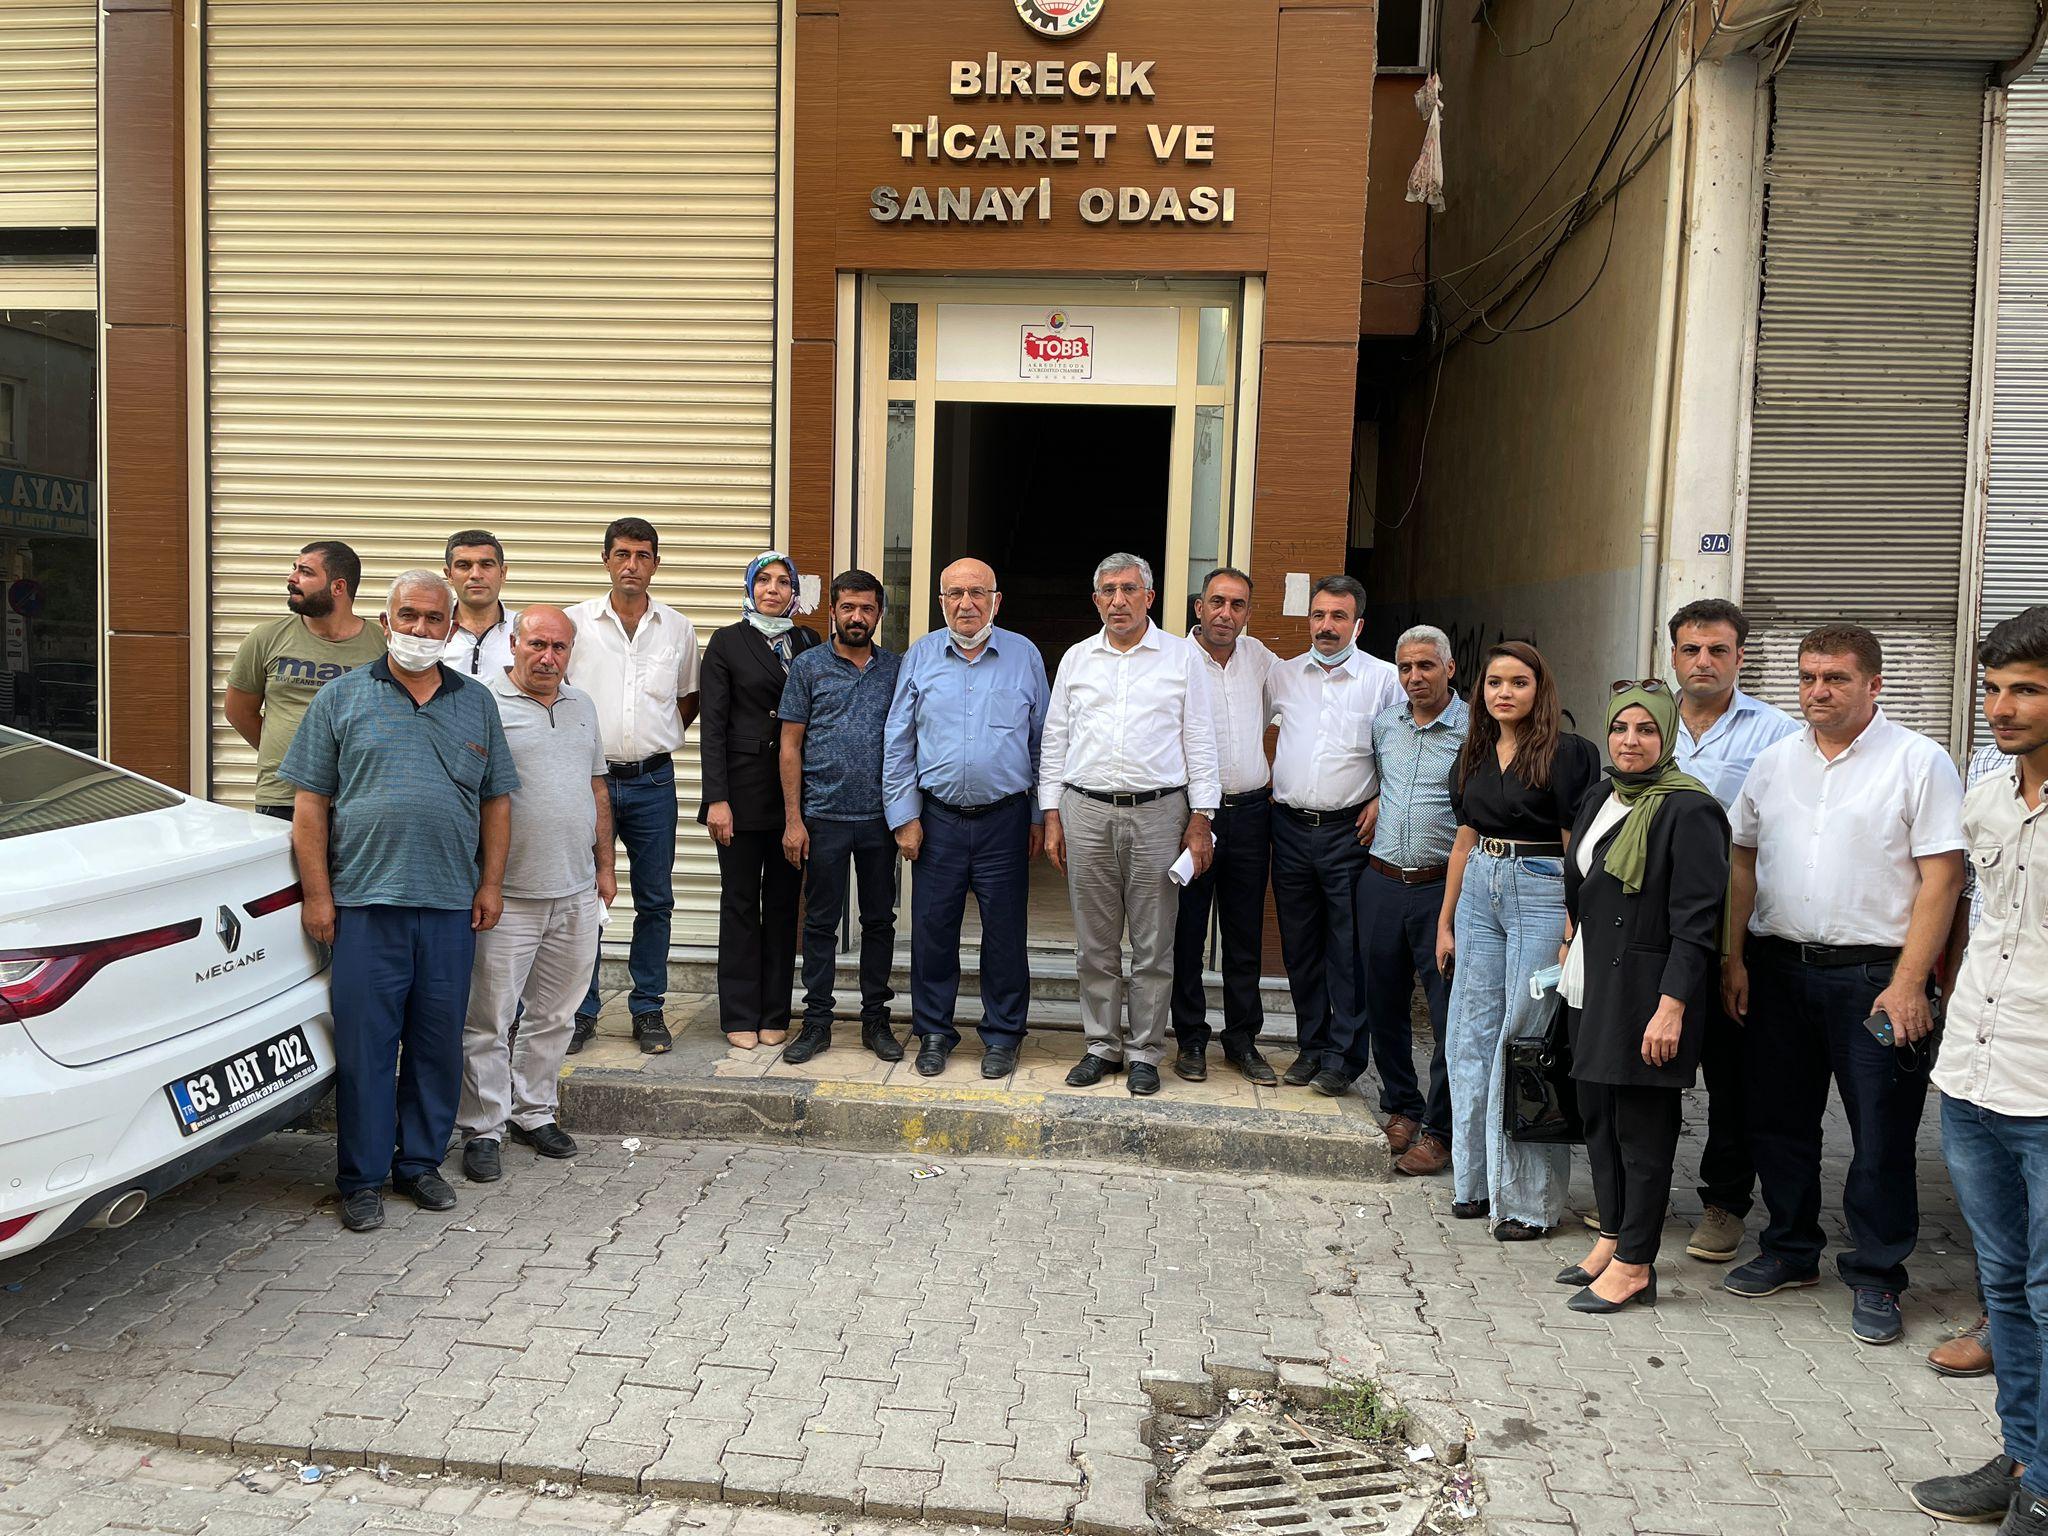 İl Başkanımız Abdullah Yeşil, İl Yönetim Kurulu, İlçe Koord. ve Birecik İlçe Başkanımız, Birecik Ticaret ve Sanayi Odası Başkanlığını ziyaret ettiler.